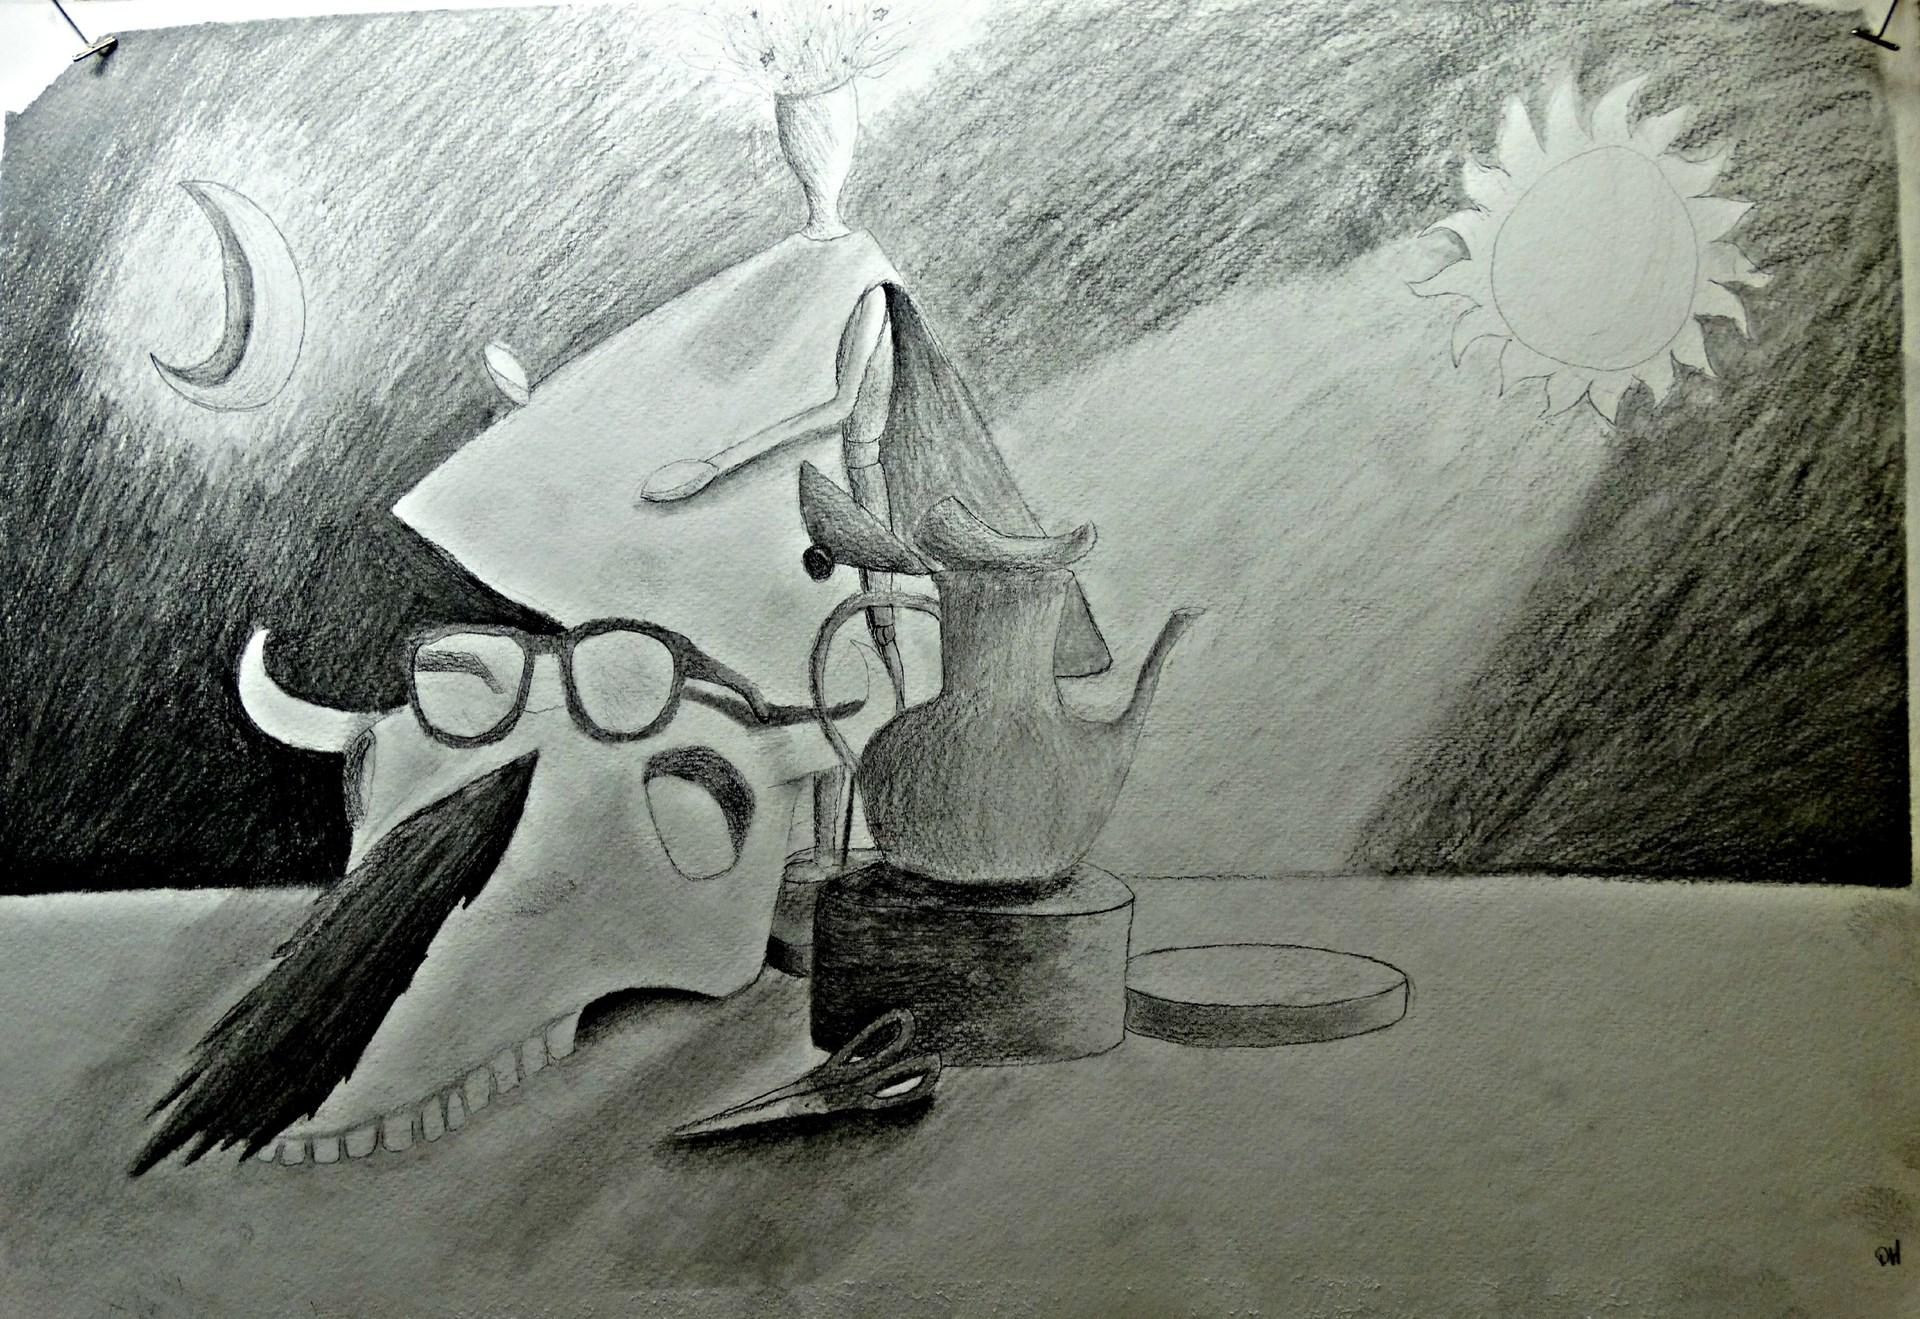 Artist: Destiny Herceg, Grade 10 at McGuffey HS